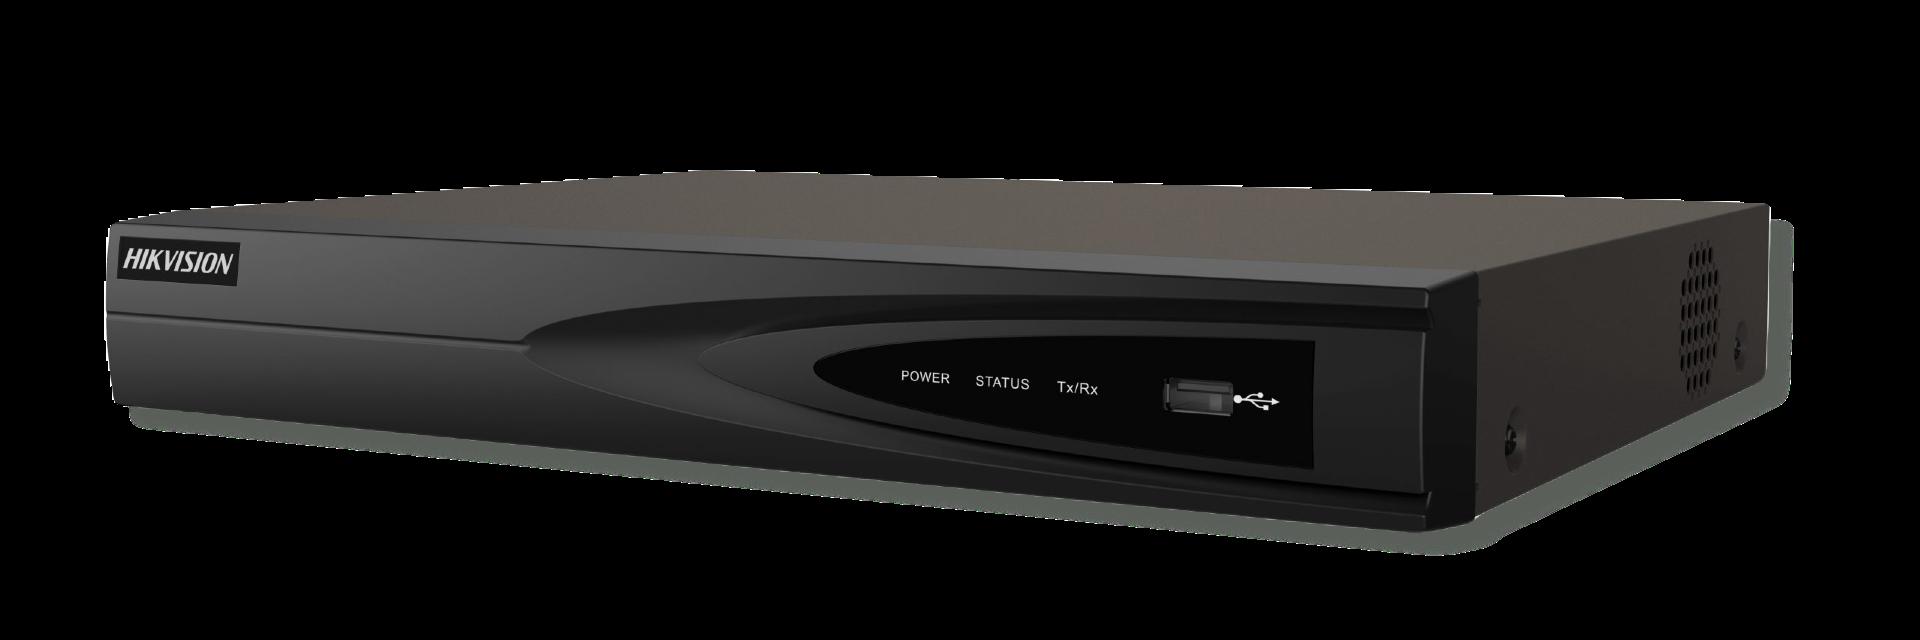 Dieser Recorder / NVR verfügt über: - 4 Kanäle - 4 POE-Ports - 1 Sata-Verbindung für 3,5-Zoll-Festplatten mit bis zu 6 TB - H.265-Unterstützung - Herunterladbare Hik-Connect-App - HDMI-Verbindung